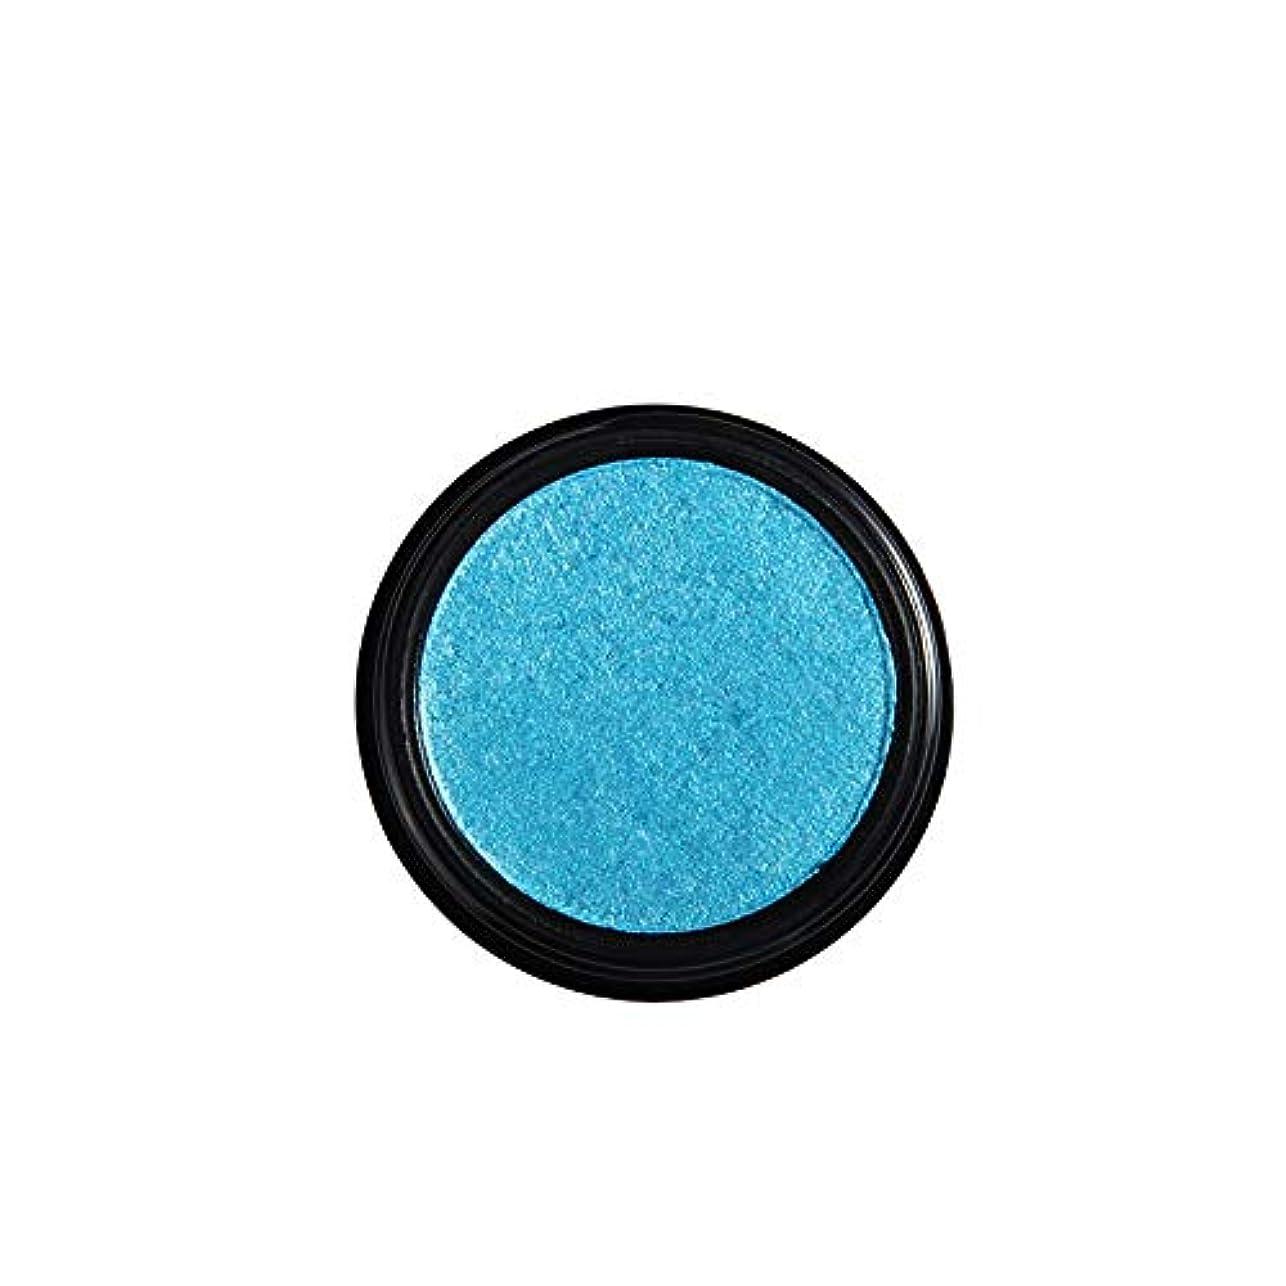 電球ソフィー遺産Akane アイシャドウパレット PHOERA ファッション 高級 美しい ひとつだけ 単なる 魅力的 キラキラ メタリック 綺麗 素敵 持ち便利 日常 Eye Shadow (24色)